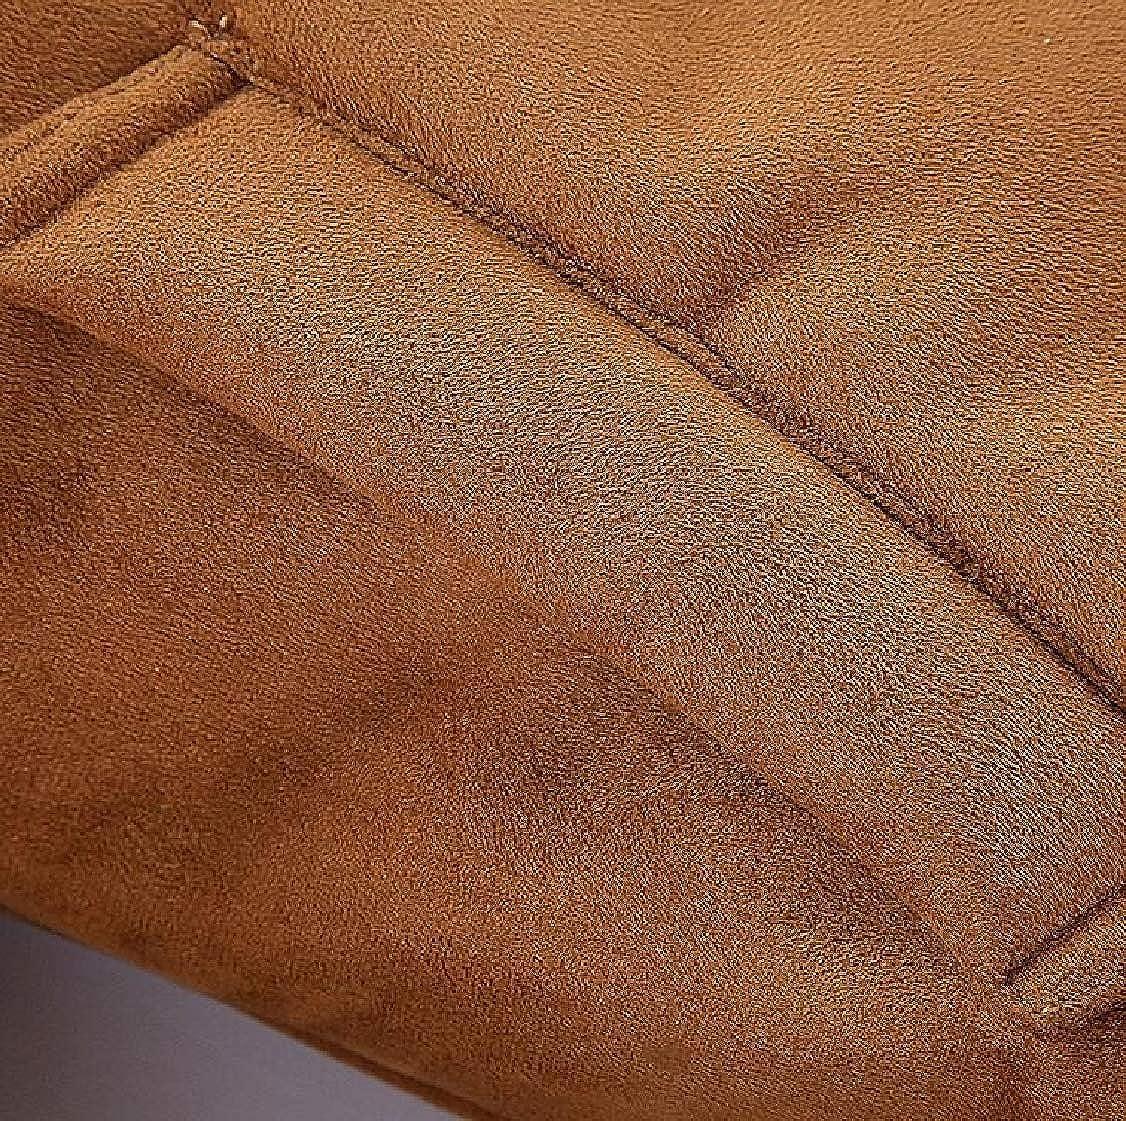 XQS Mens Winter Warm Thick Heavy Fleece Lined Parka Jacket Coat